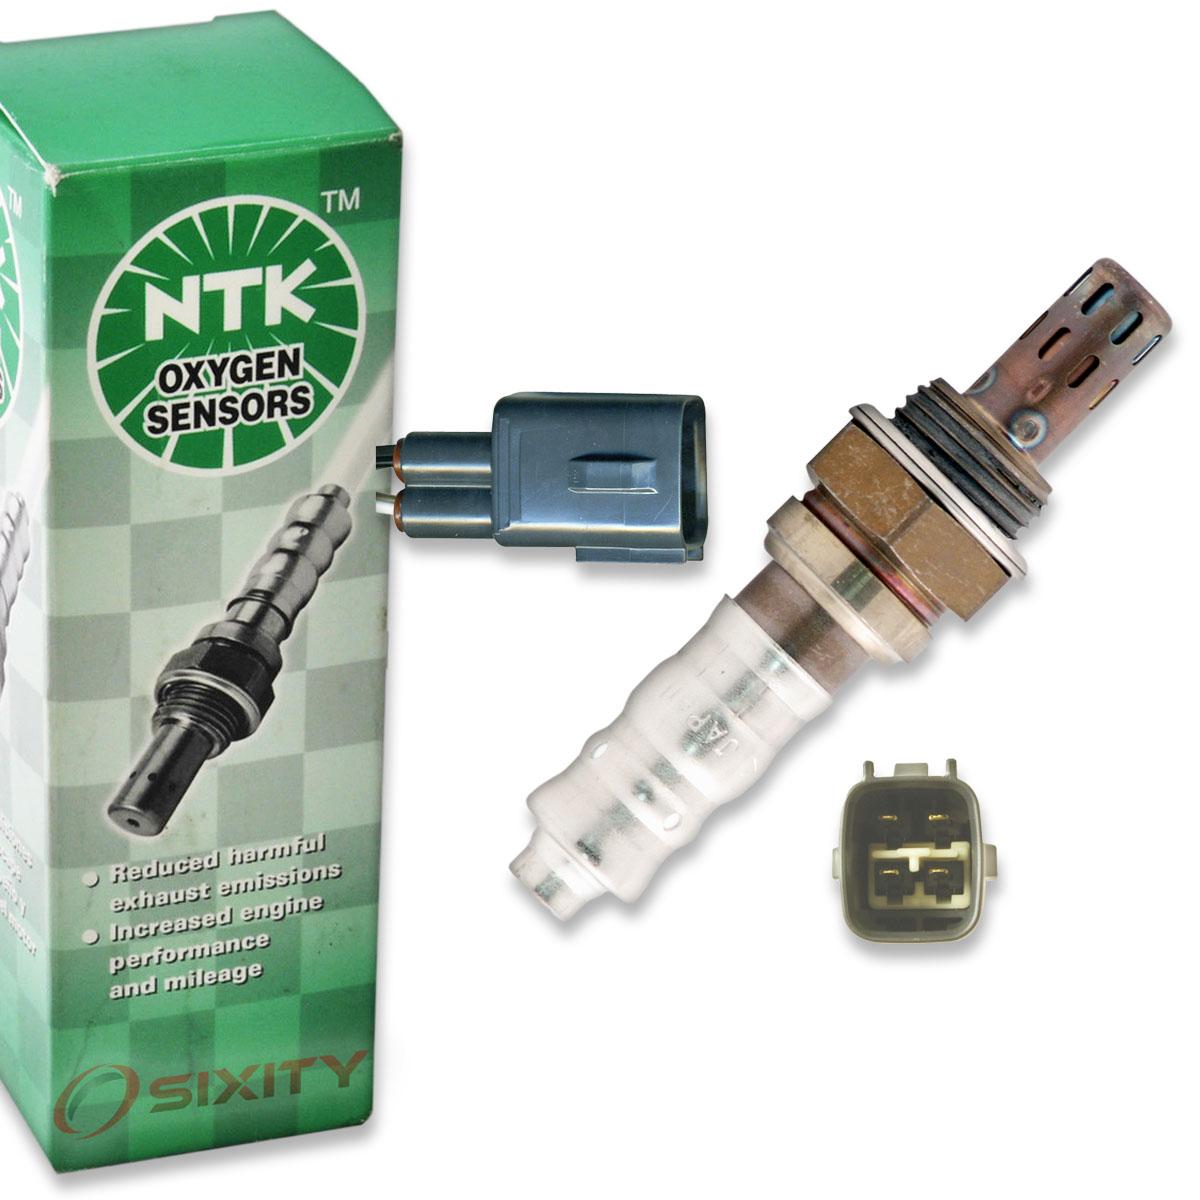 Oxygen Sensor-Direct Fit NGK 25505